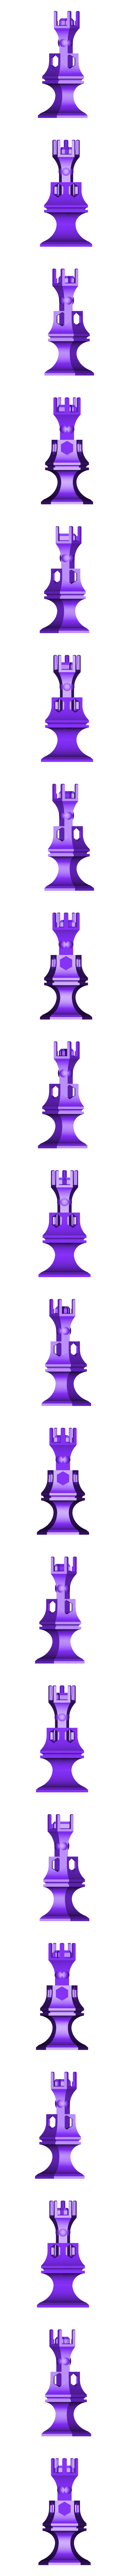 roy_arg.STL Télécharger fichier OBJ gratuit Échiquier de salon • Objet pour impression 3D, Arzmael